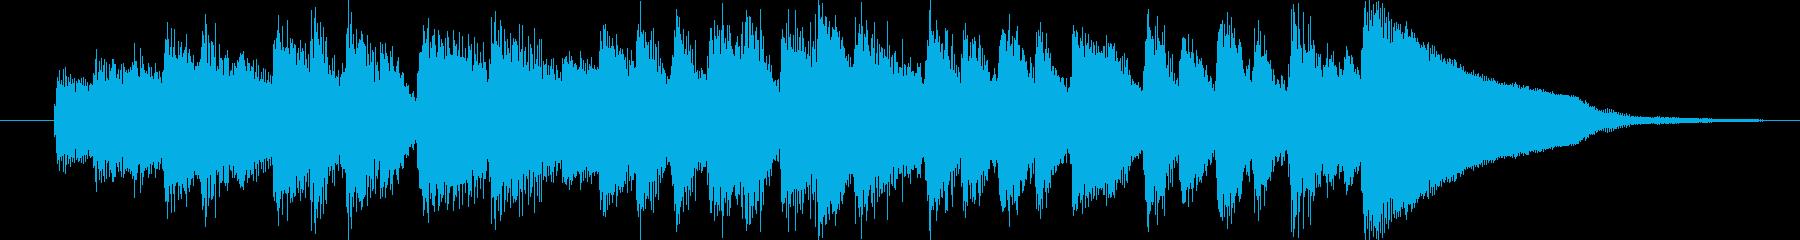 クラシック調のコミカルホラーなジングルの再生済みの波形